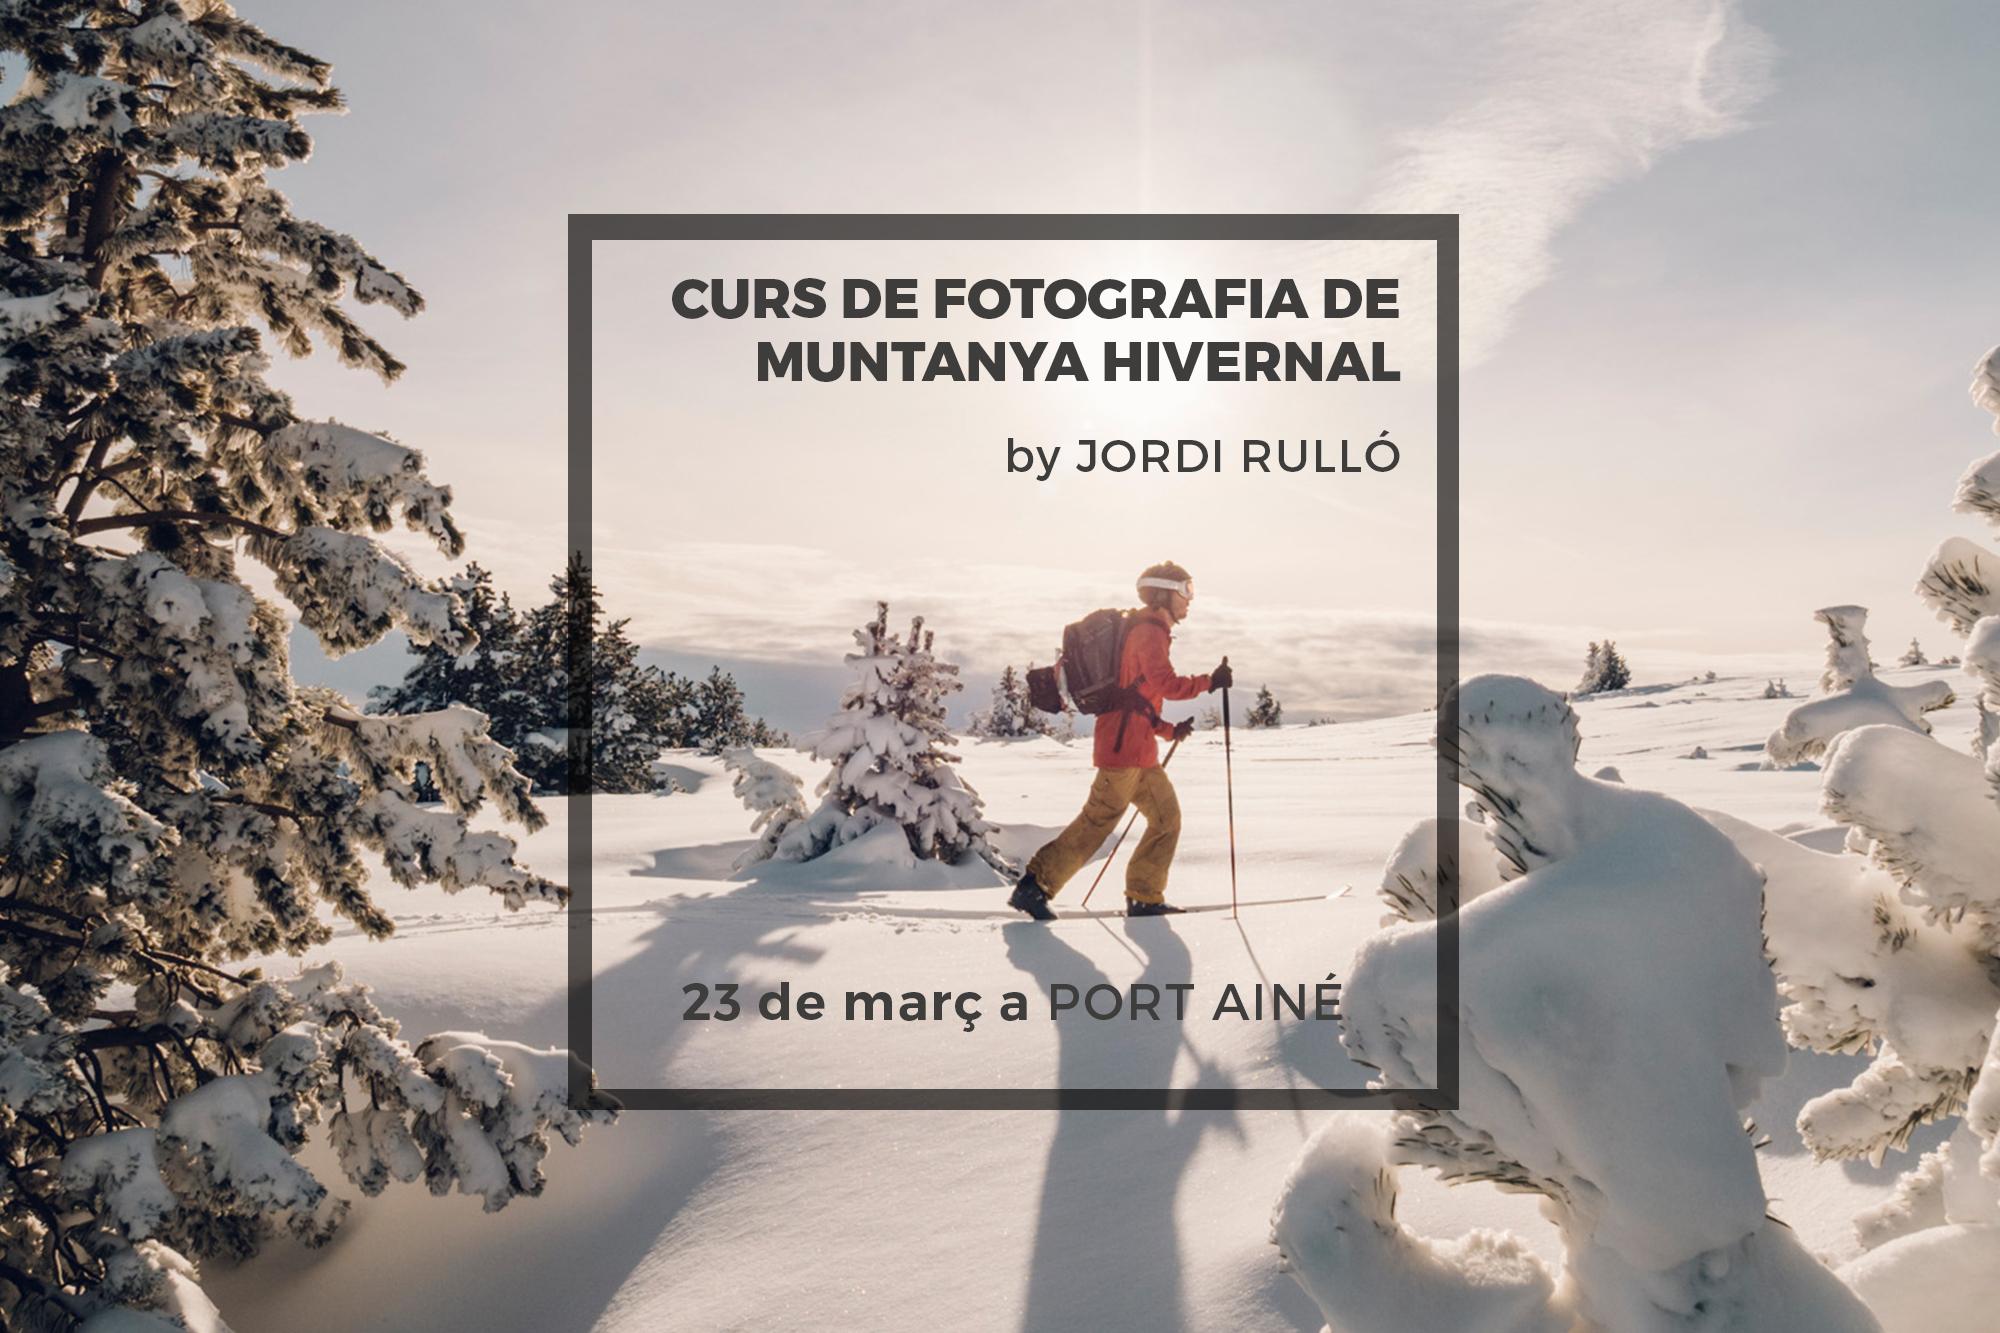 Curs de fotografia amb Jordi Rulló